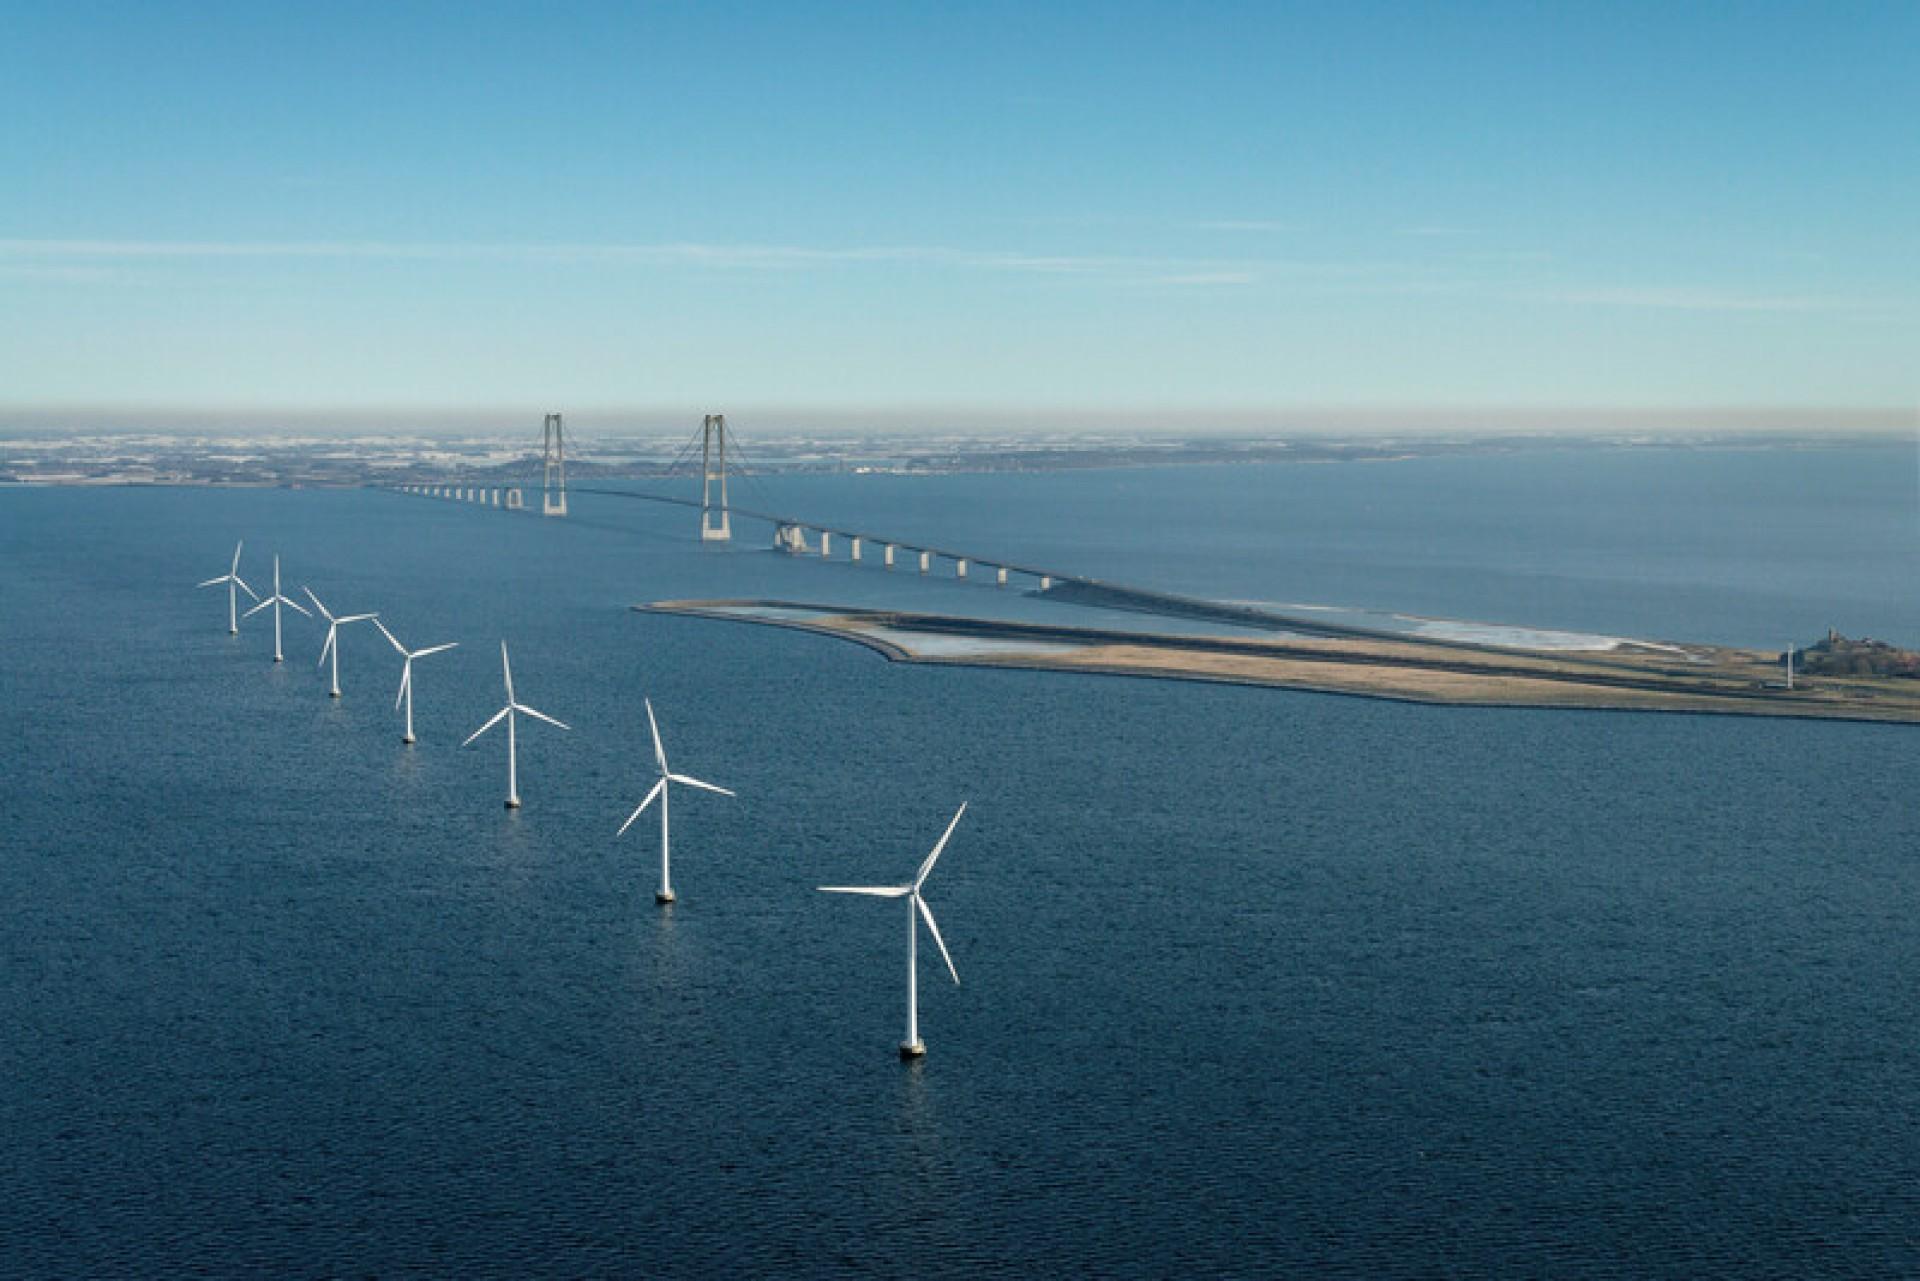 Parque offshore em Sprogø, Dinamarca (Foto: Arquivo Vestas/Divulgação)